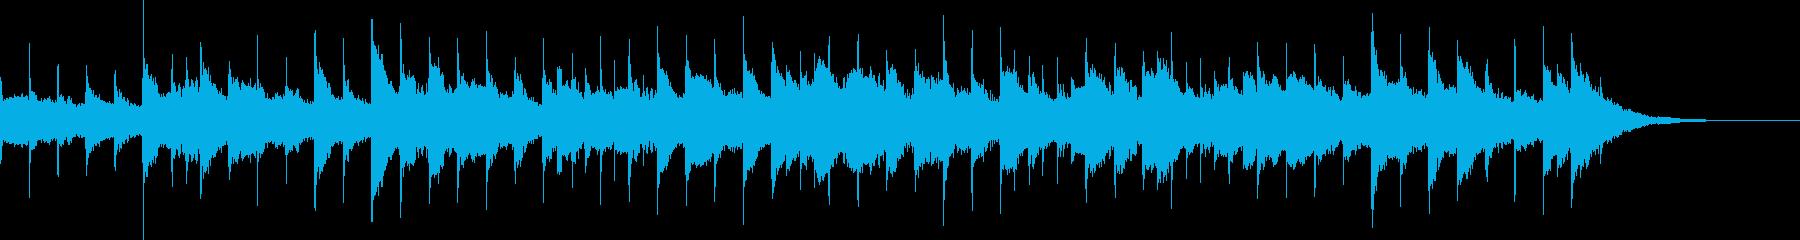 ミステリアスなオルゴールの曲の再生済みの波形